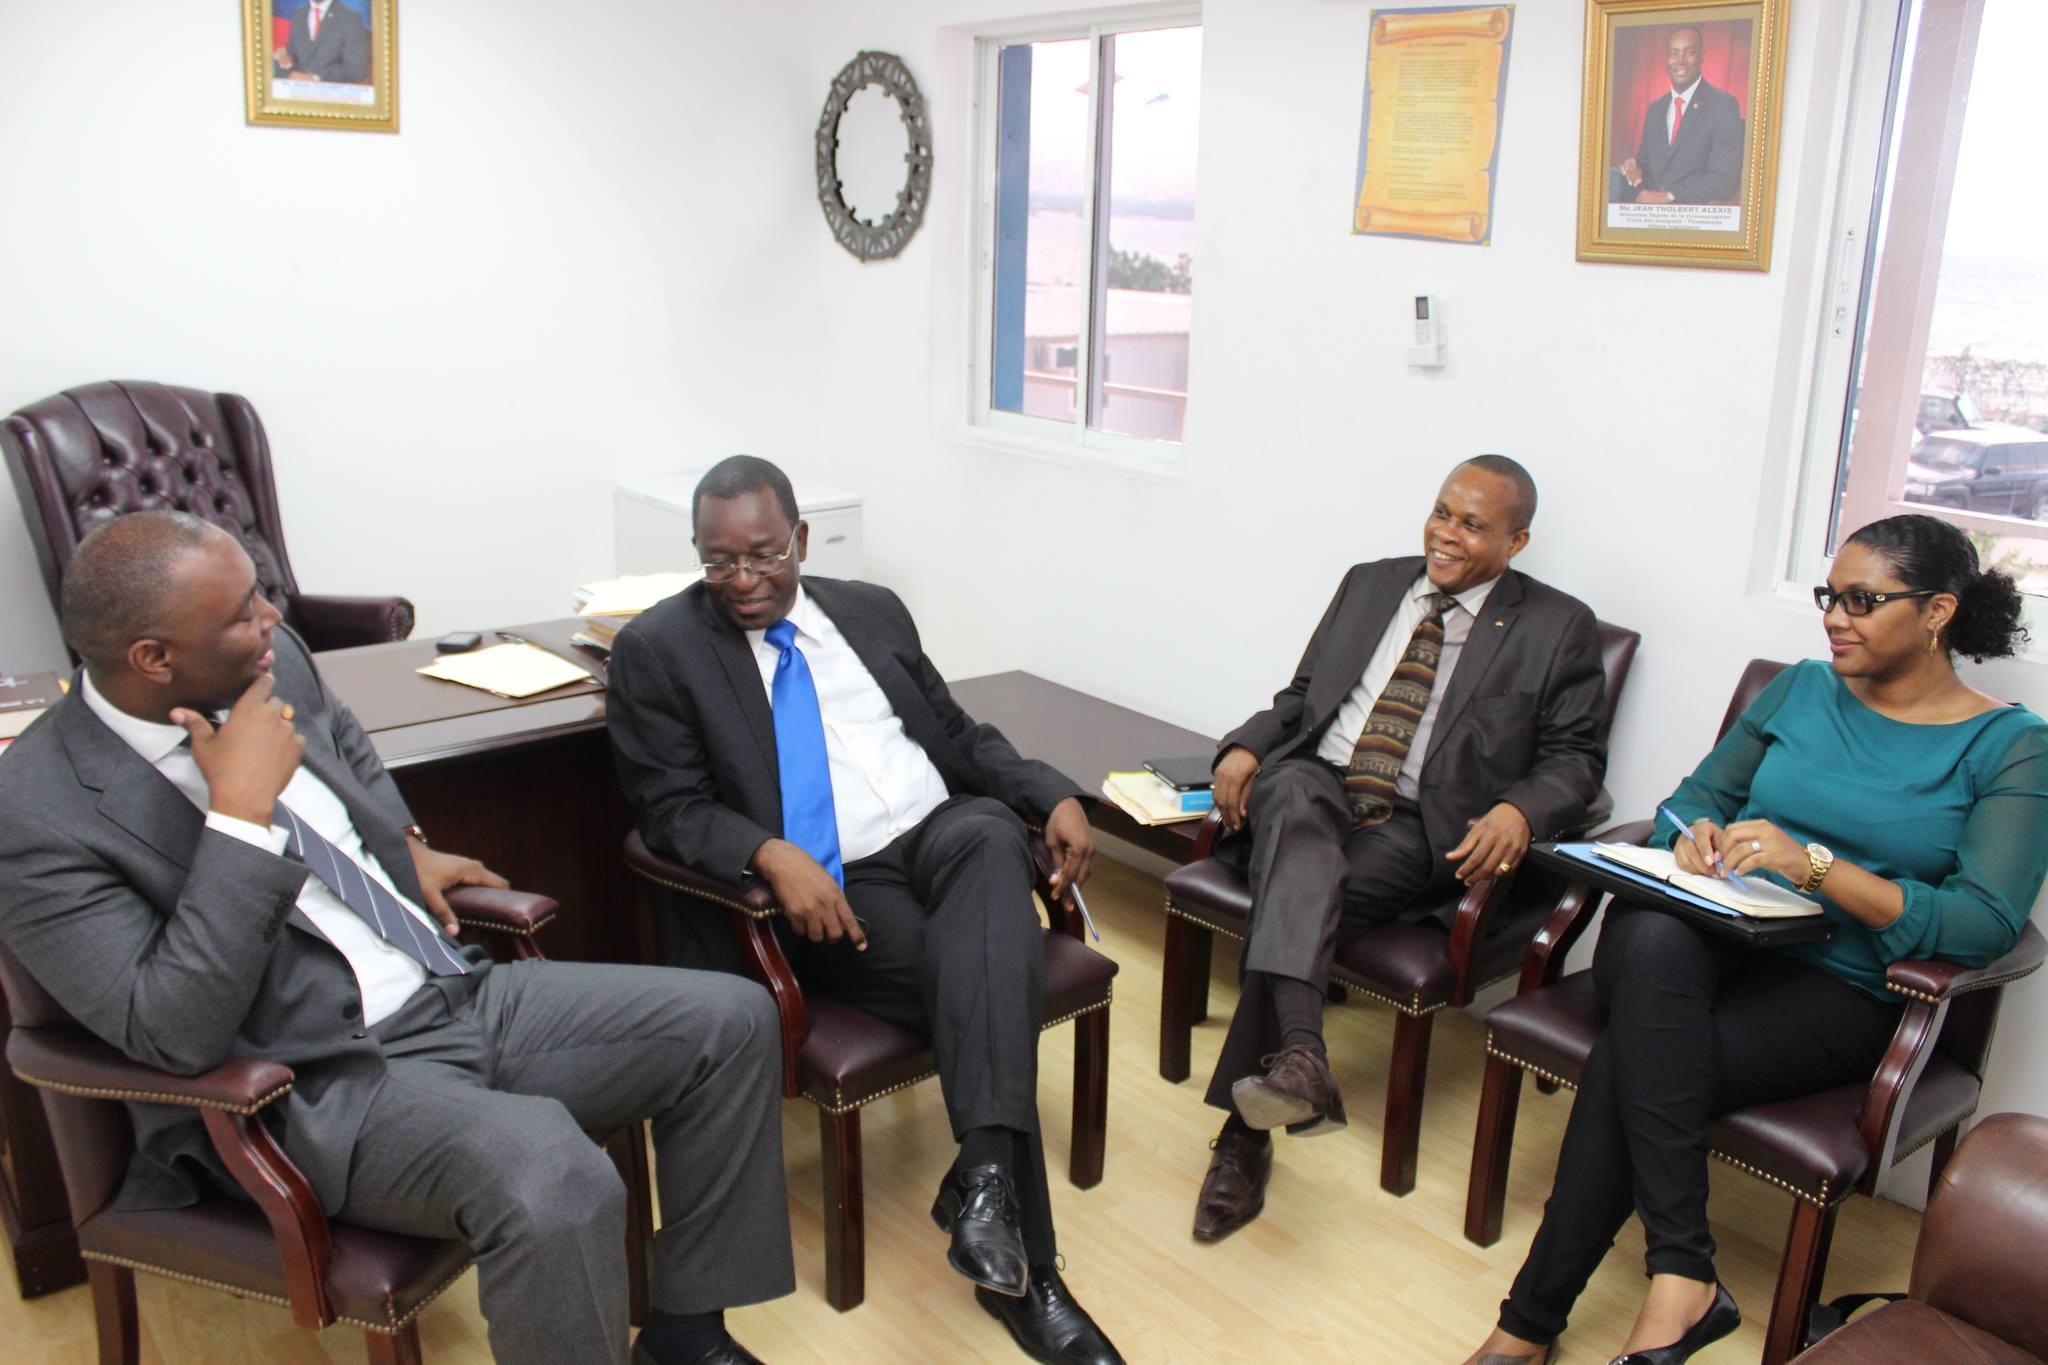 Axelle Kaulanjan accompagnant le ministre de l'Économie et des Finances, son excellence Wilson Laleau (cravate bleue), lors du dépôt de la loi des Finances 2014 de la République d'Haïti à l'Assemblée nationale. (Crédit photo : Jean-Mary Médor)